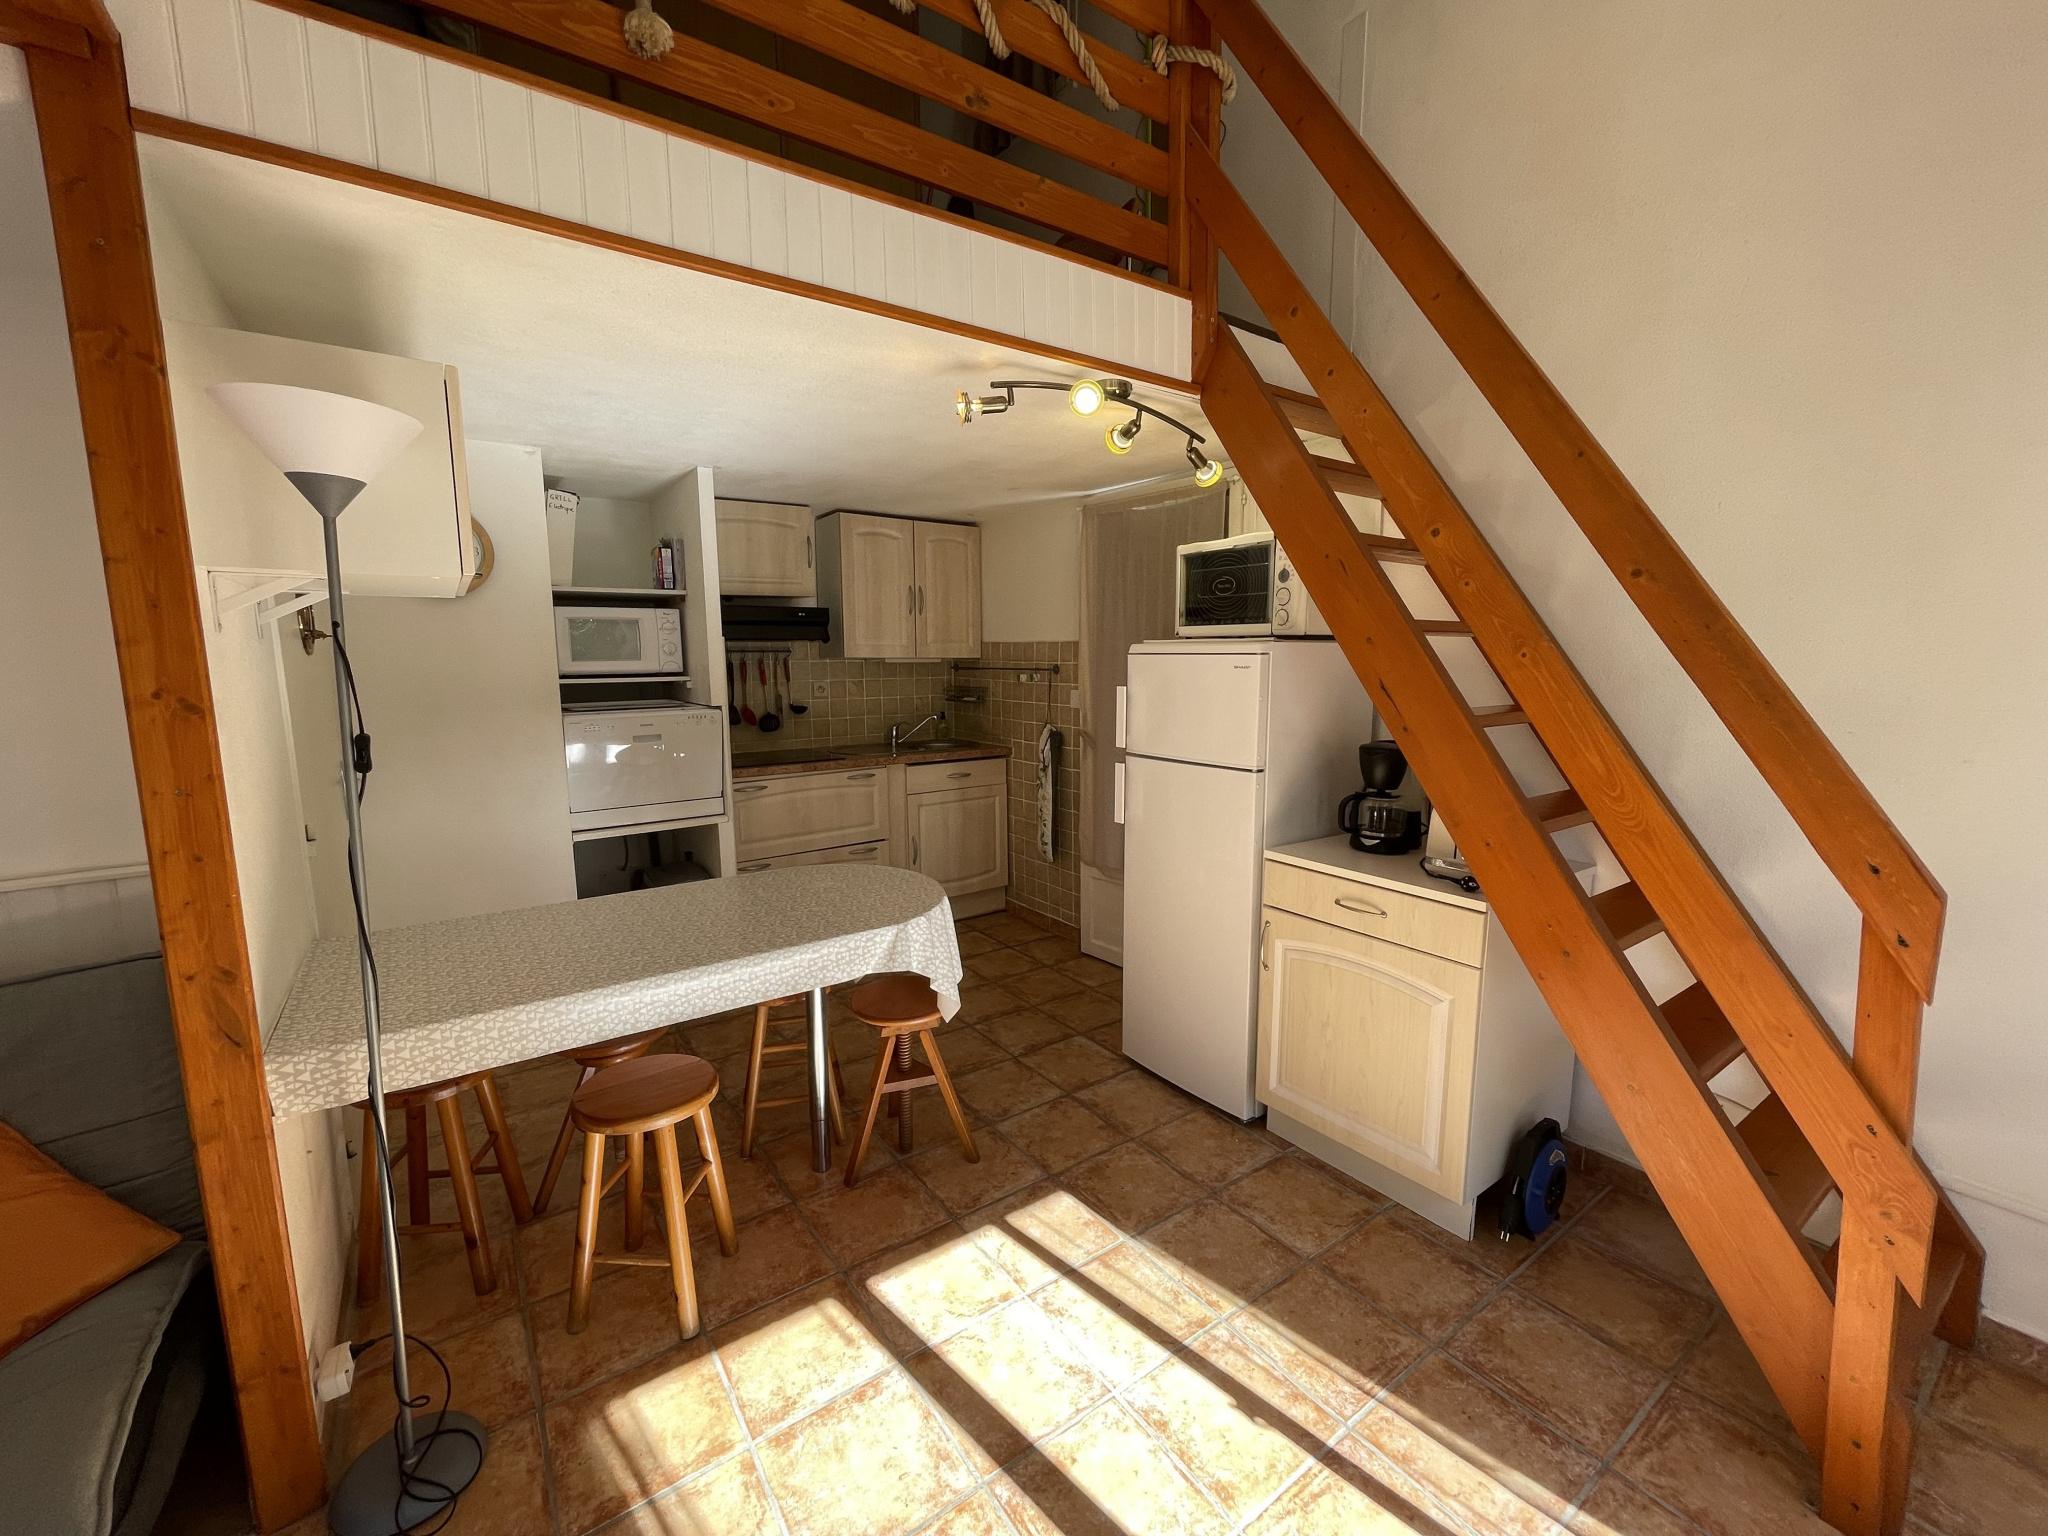 À vendre maison/villa de 44m2 à argeles plage (66700) - Photo 7'